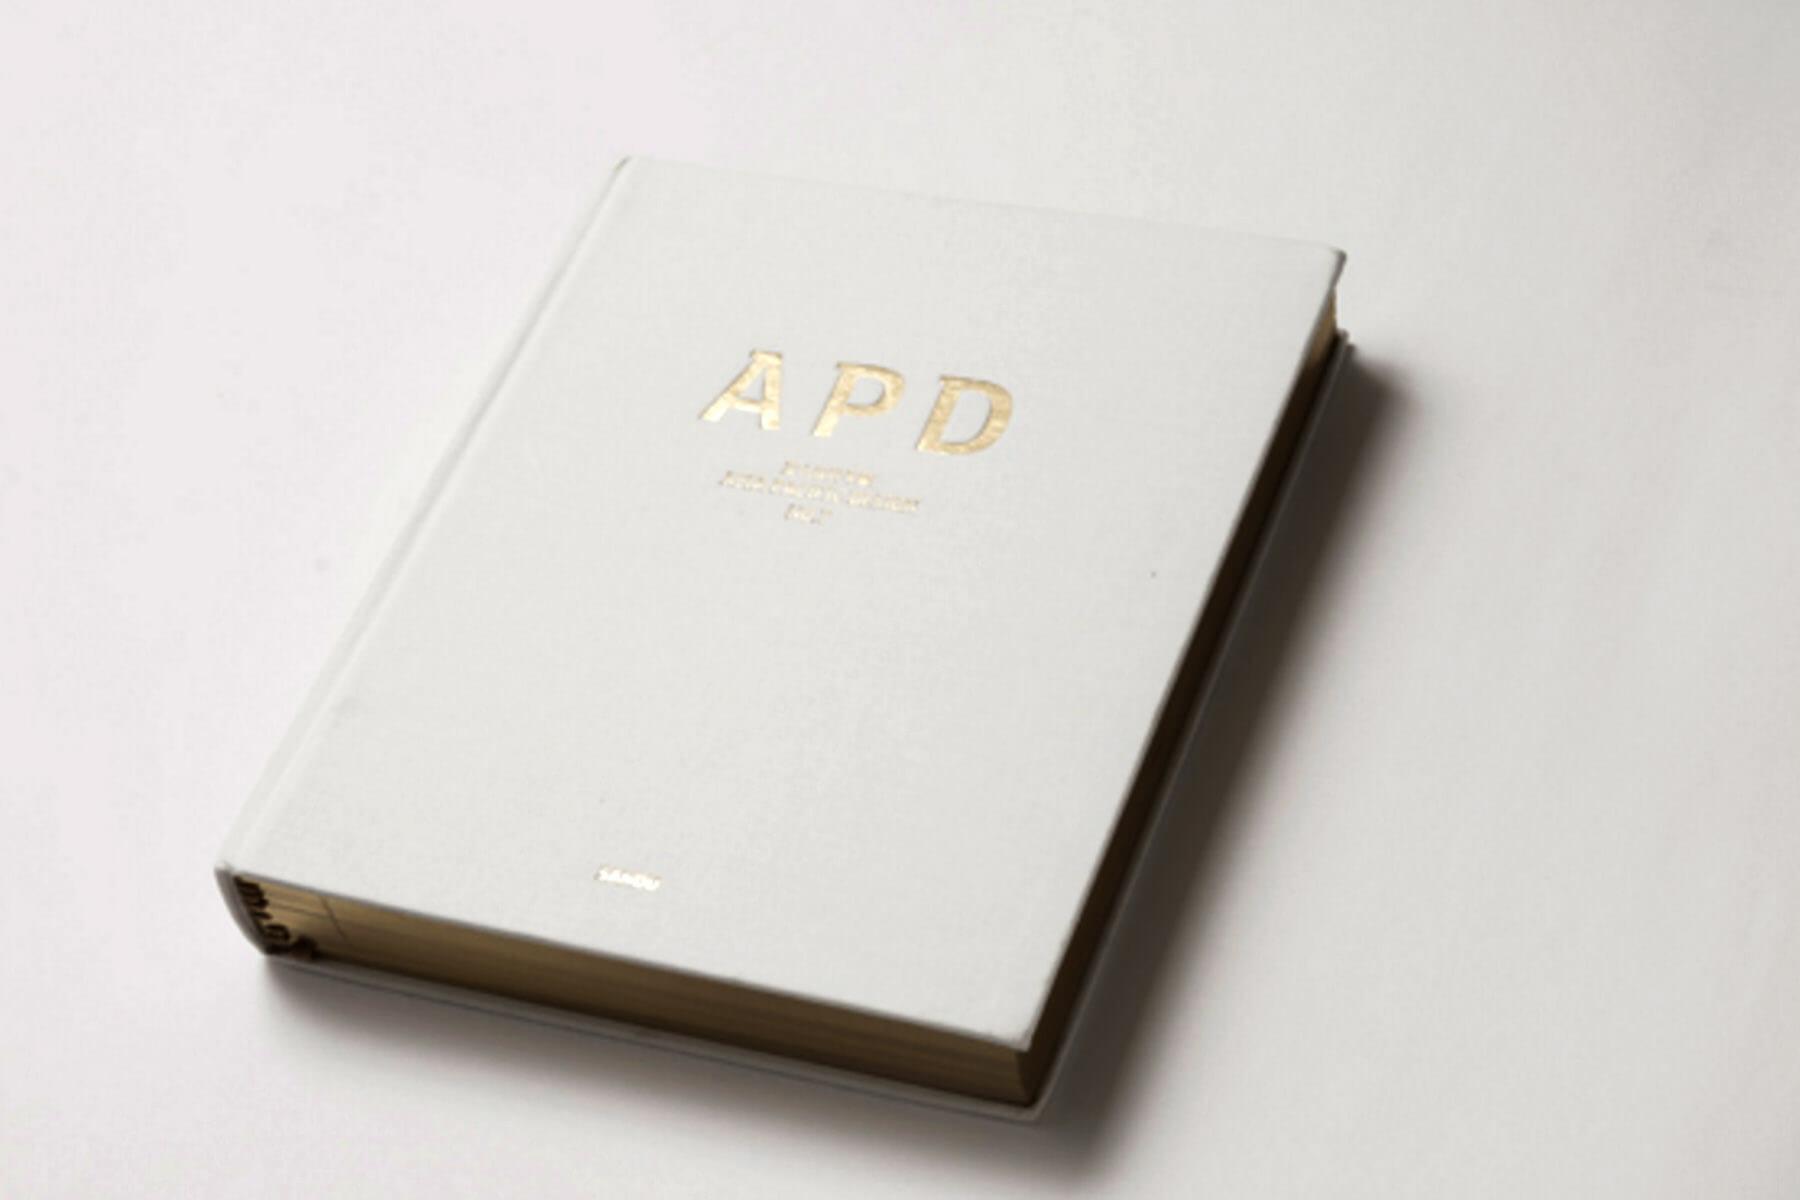 Press_APD_7_03